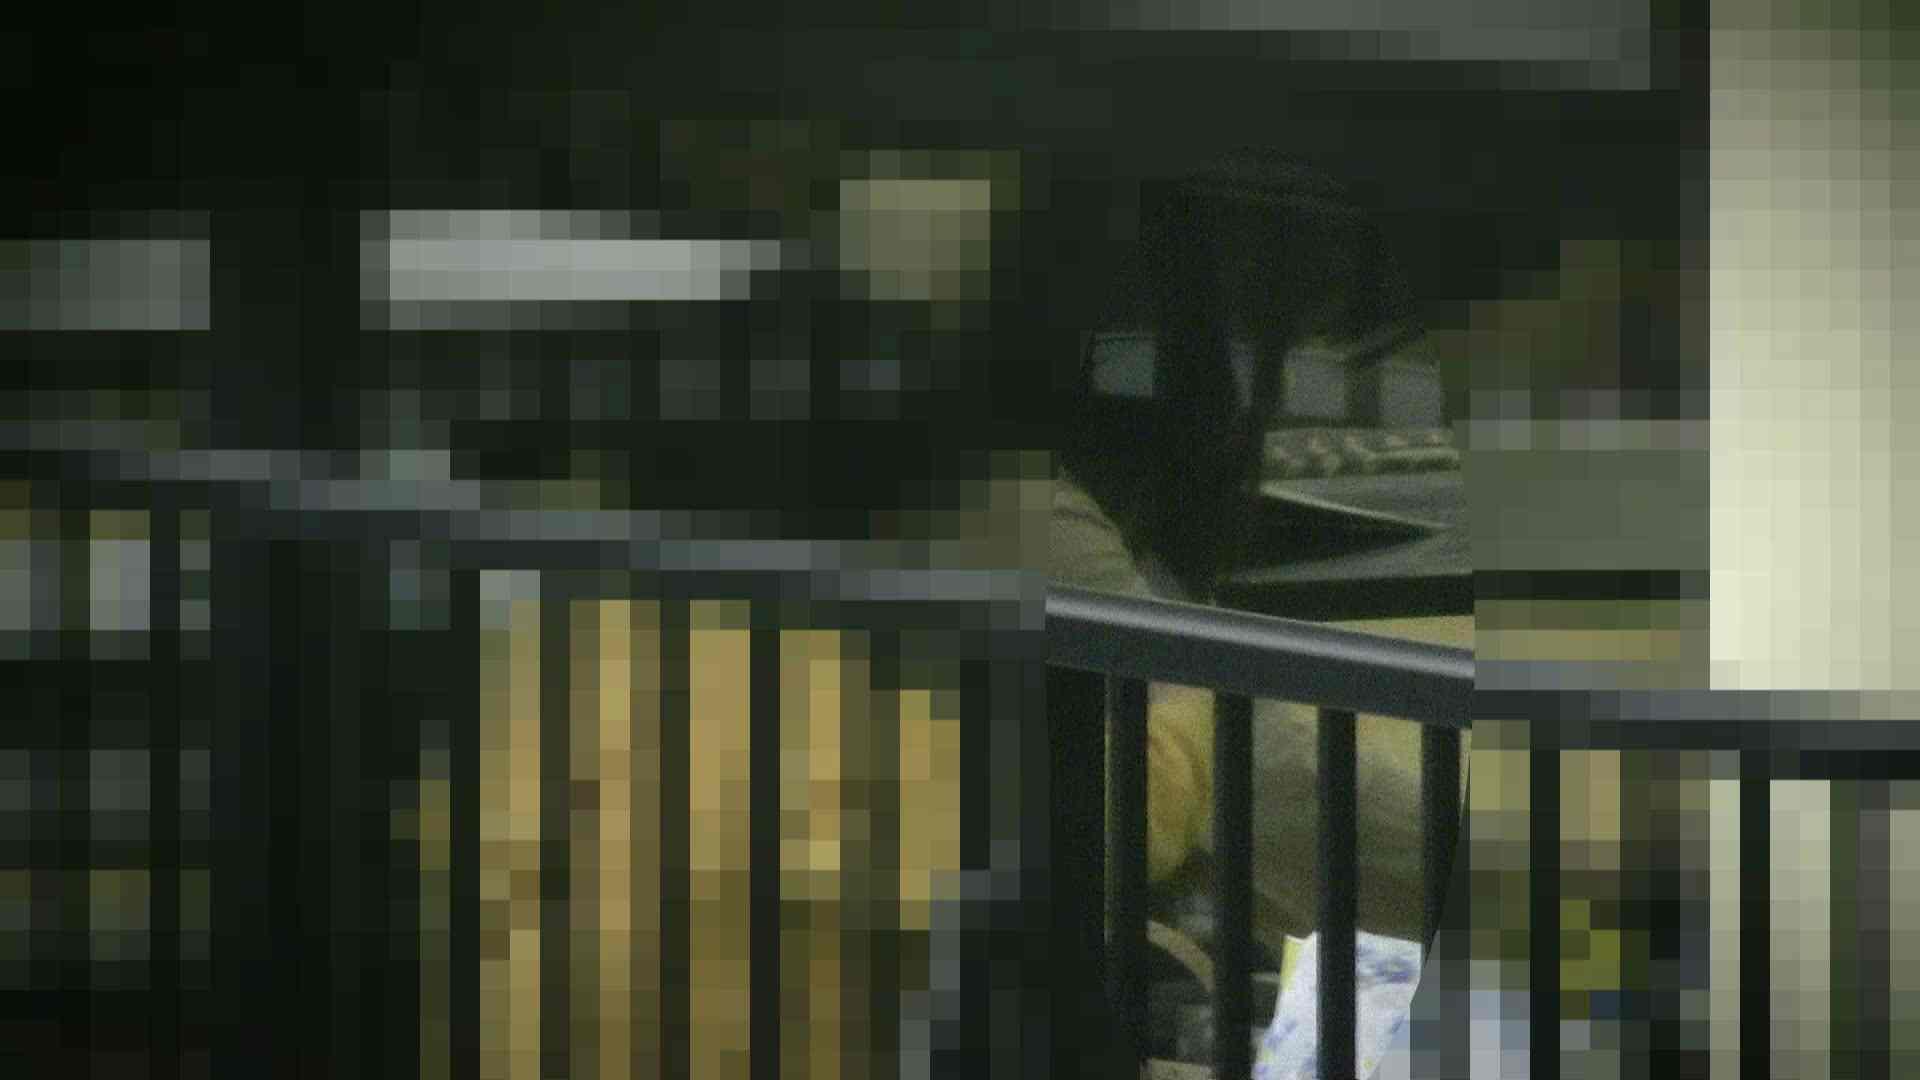 高画質露天女風呂観察 vol.006 乙女のエロ動画 濡れ場動画紹介 98PIX 34